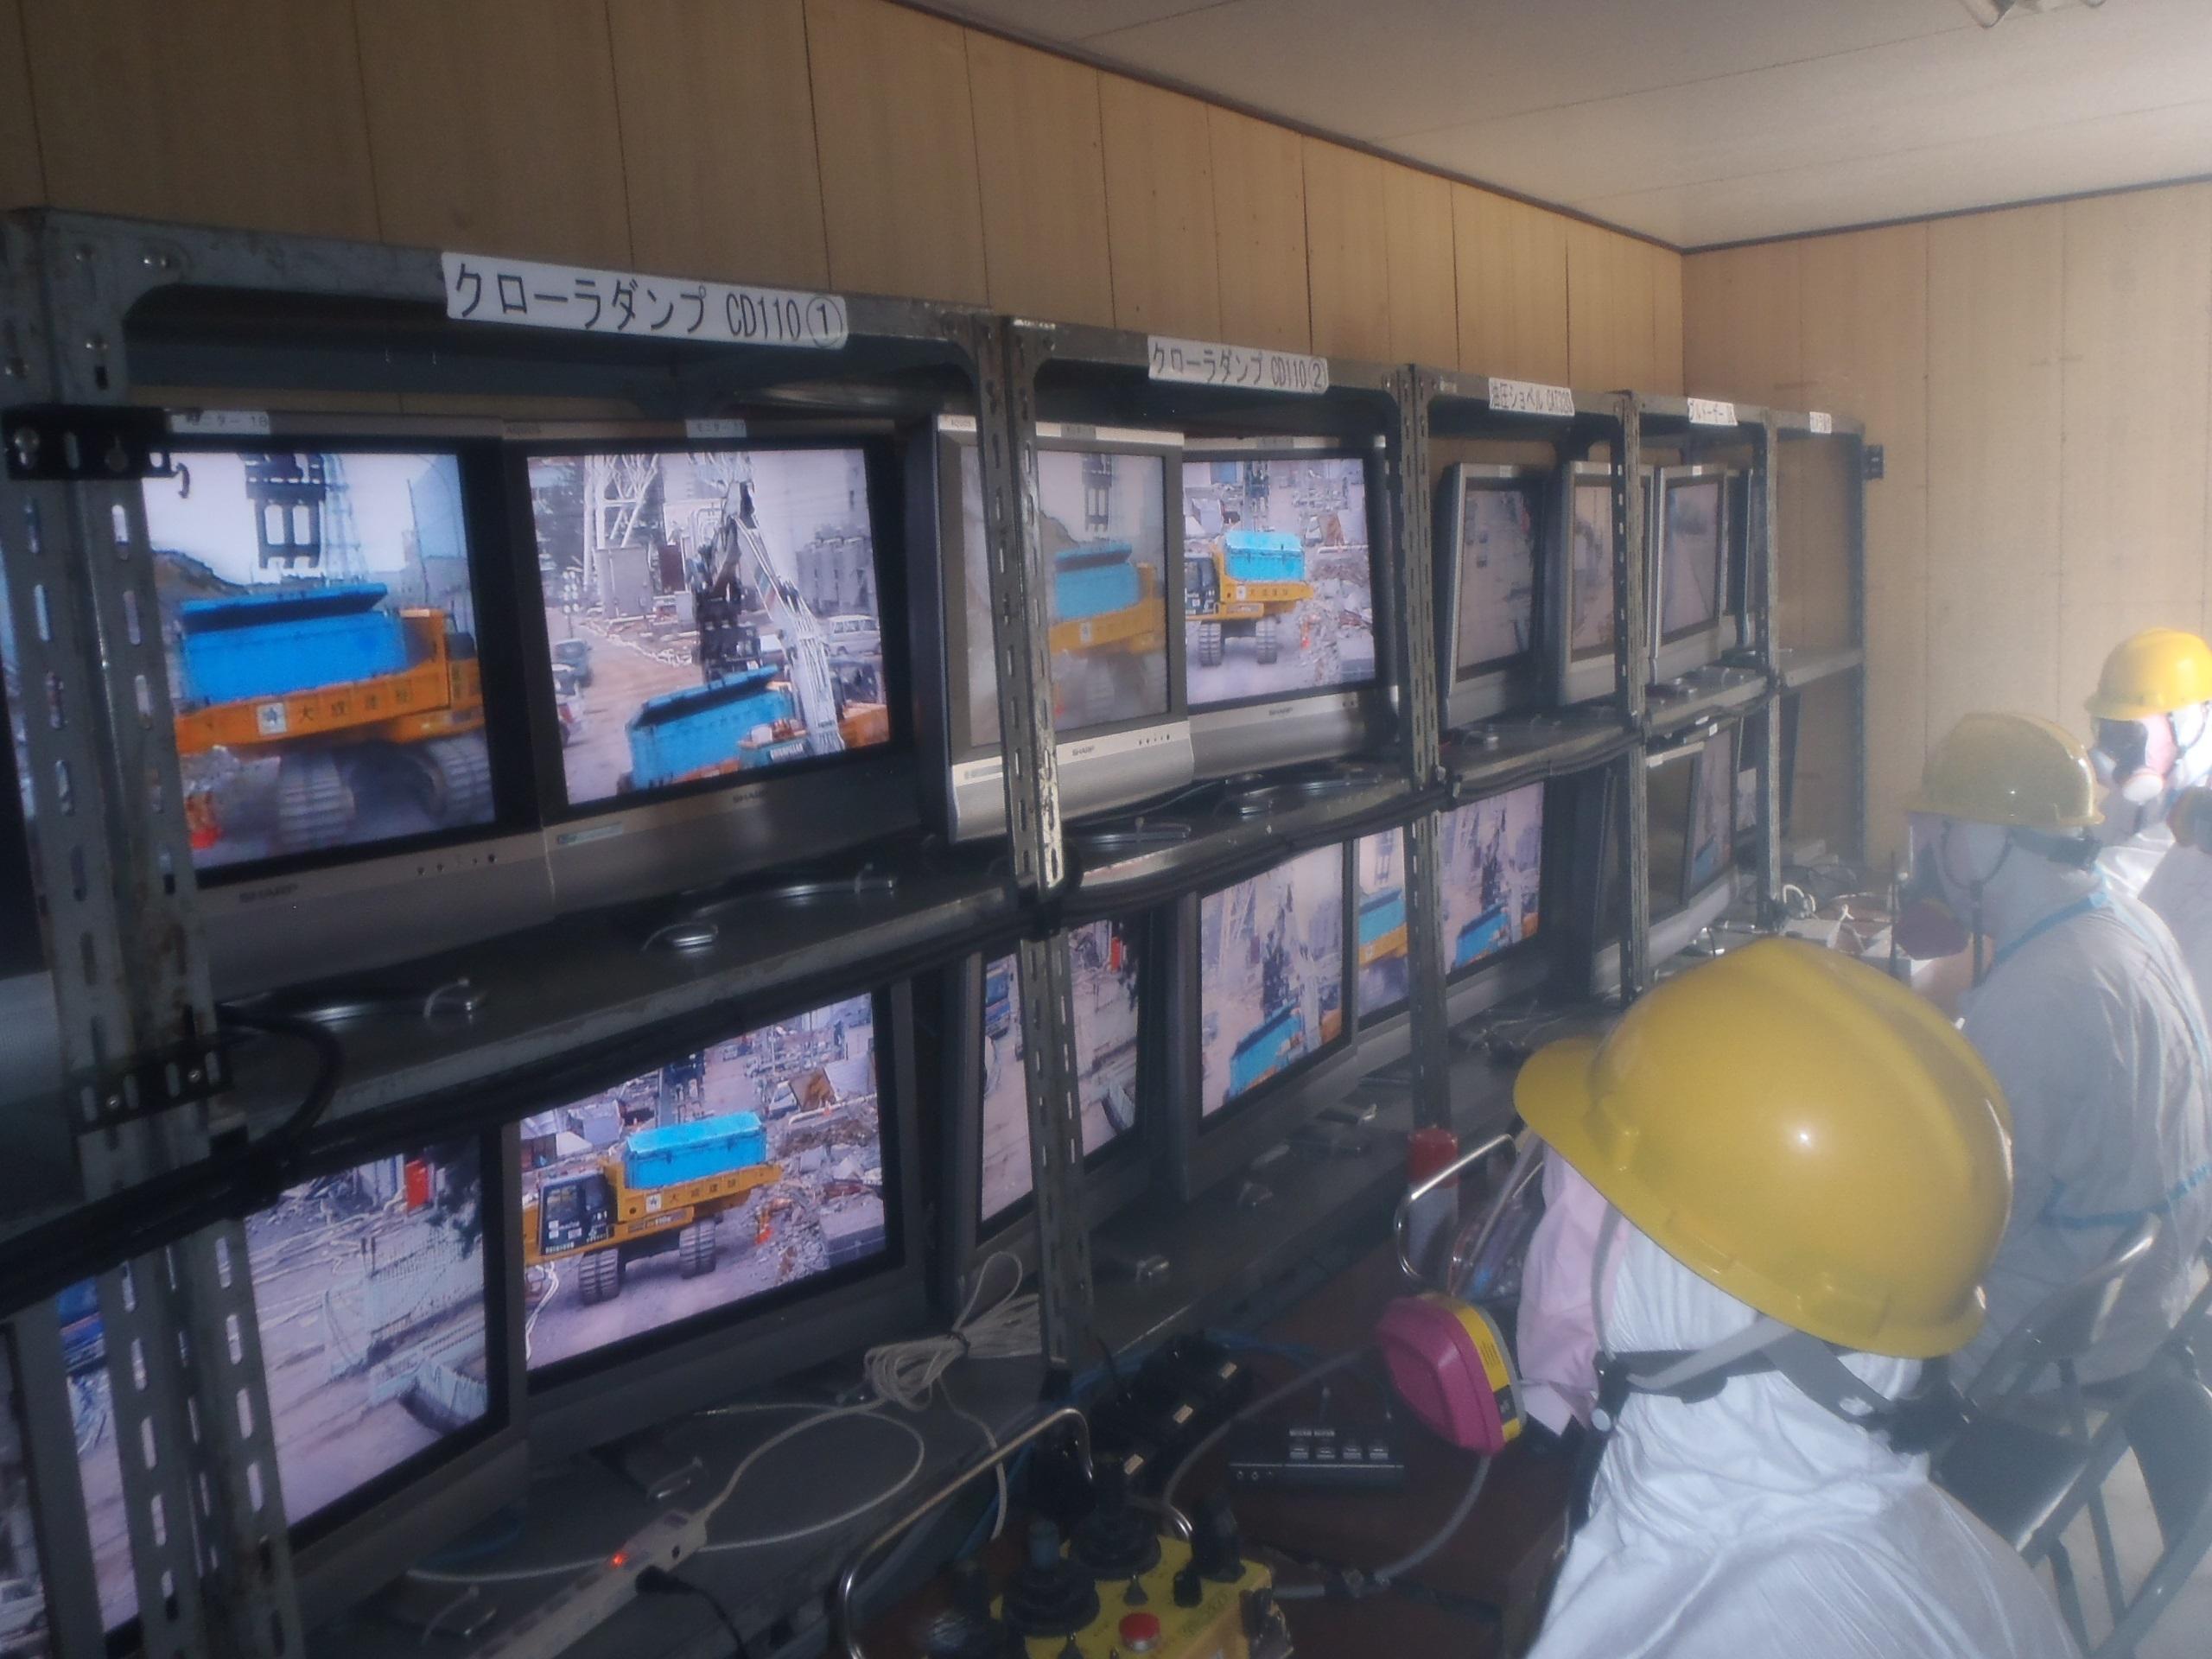 Techniciens de Tepco après l'accident nucléaire de Fukushima Daichi  - Crédit photo : Tokyo Electric Power Company